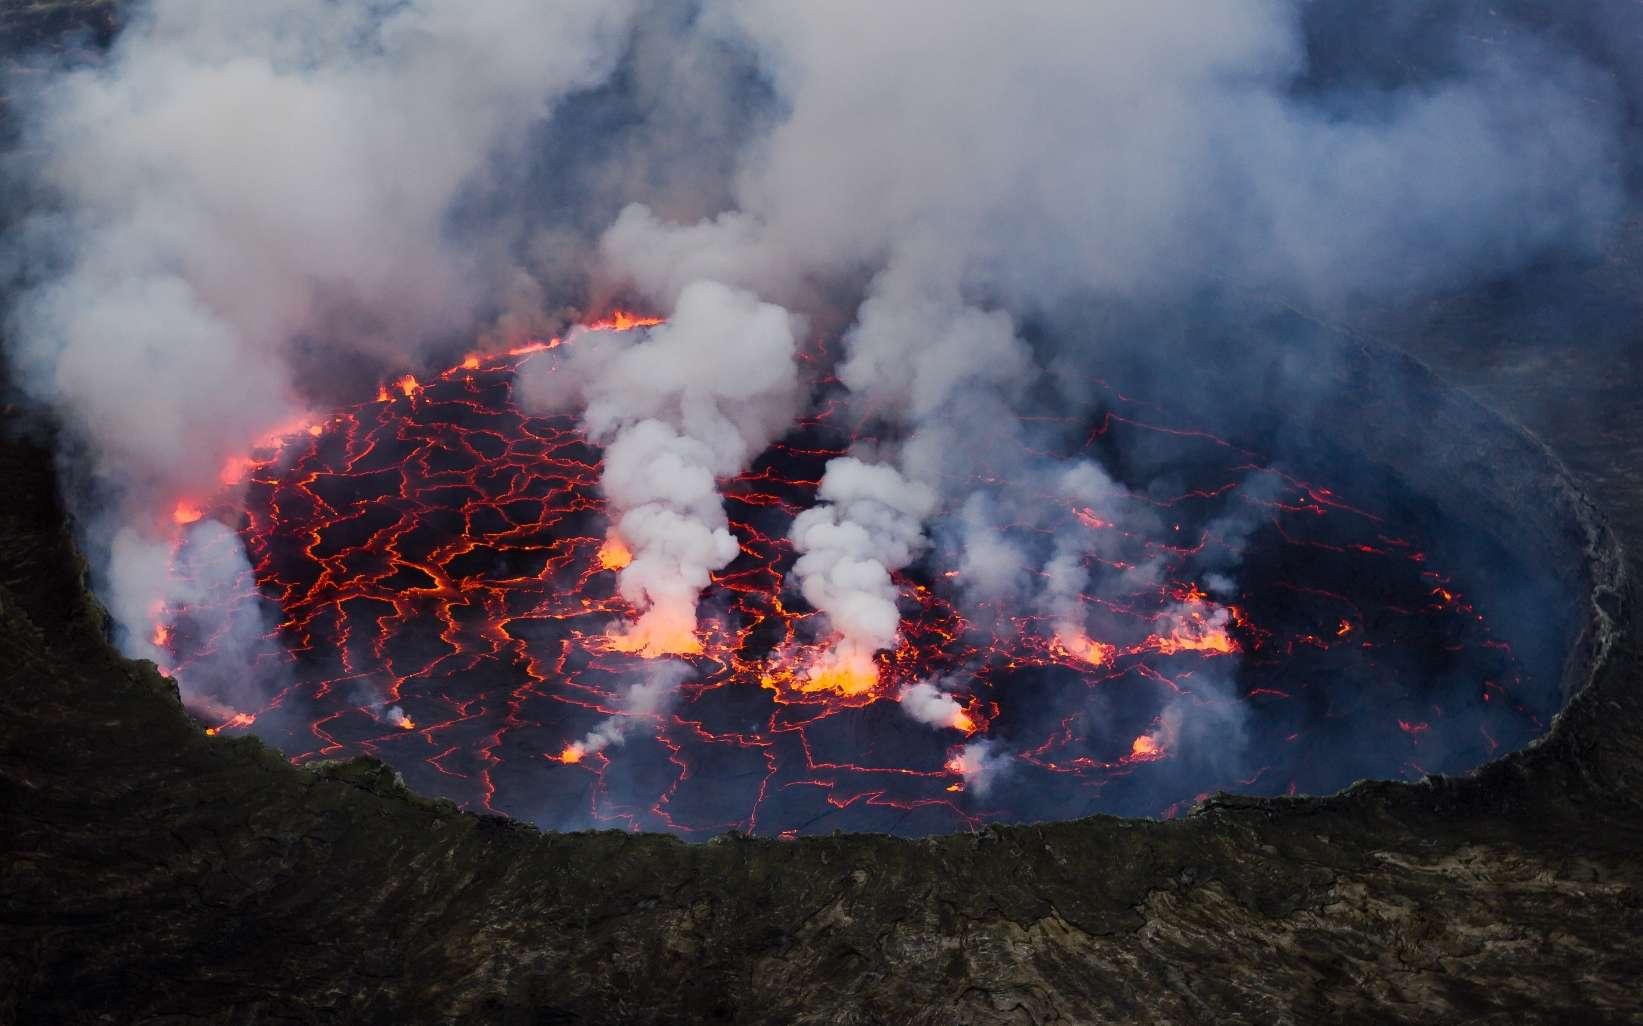 Le lac de lave du Nyiragongo permet de se faire une idée de ce à quoi pouvait ressembler un océan de magma. © Cai Tjeenk Willink, CC by-sa 3.0